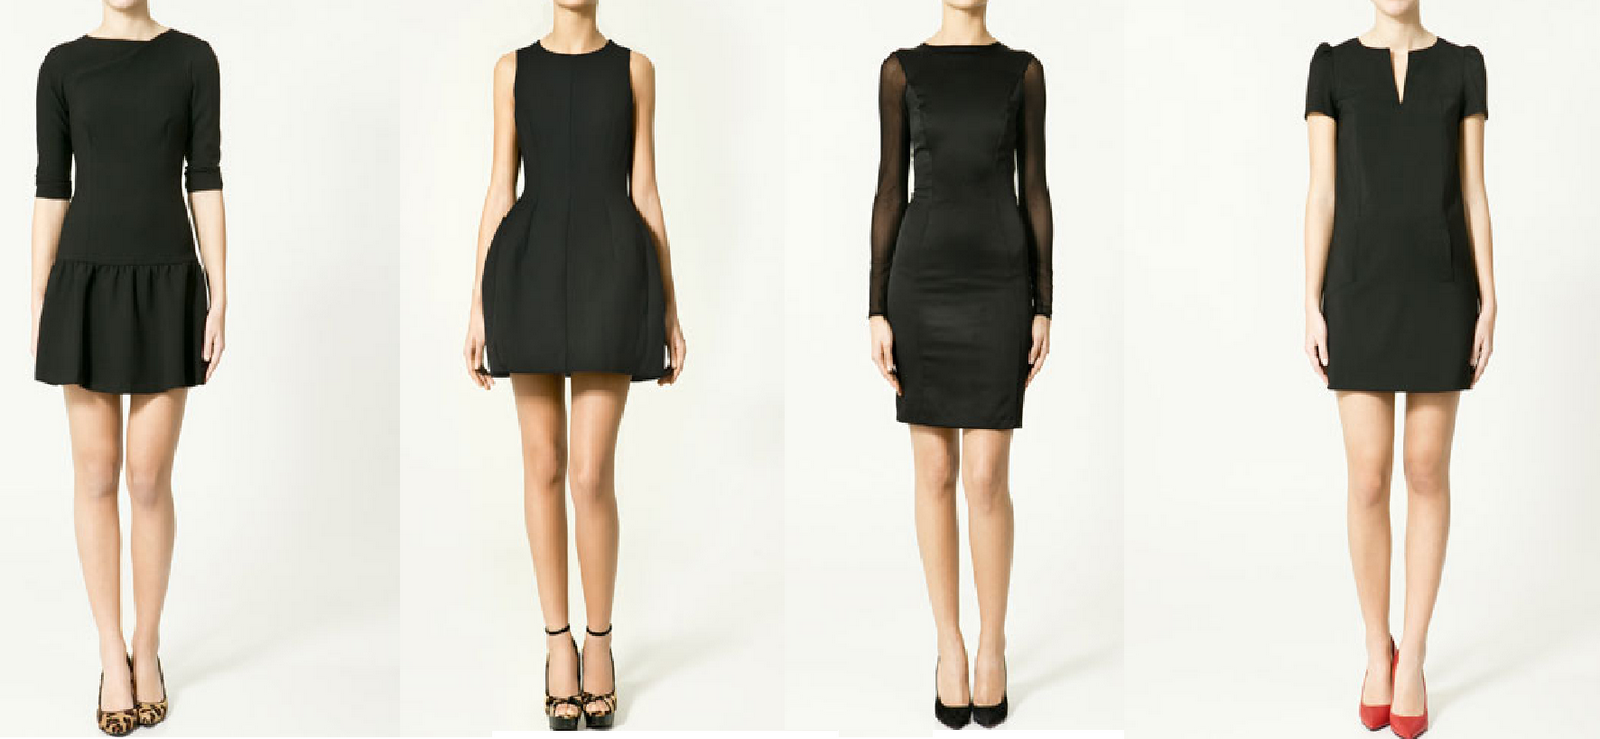 El pequeno vestido negro de chanel